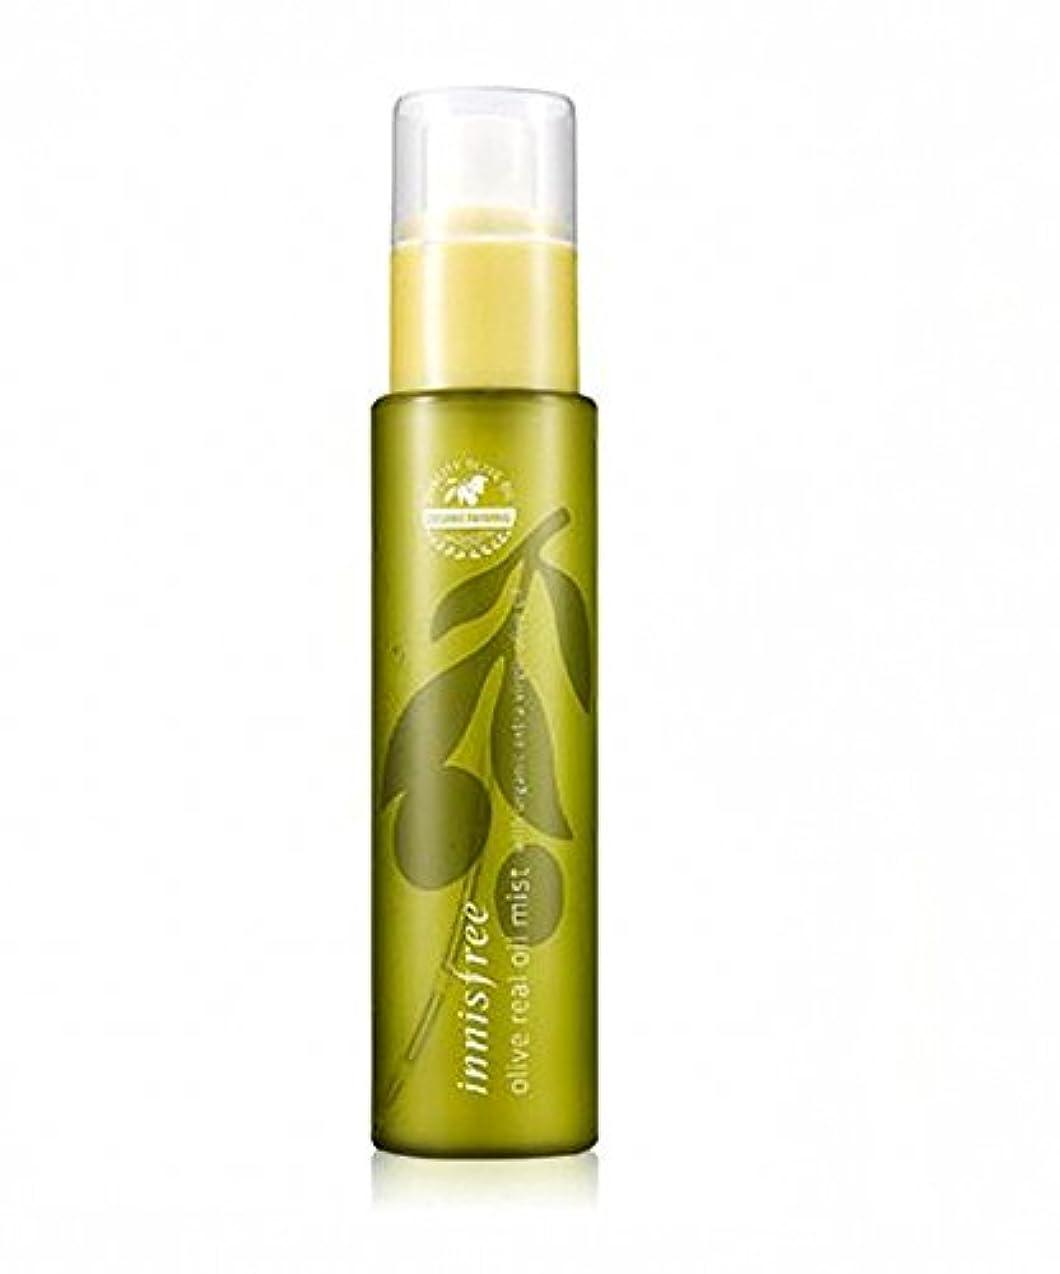 程度から聞くラップイニスフリー Innisfree オリーブ リアル オイル ミスト(80ml) Innisfree Olive Real Oil Mist(80ml) [海外直送品]